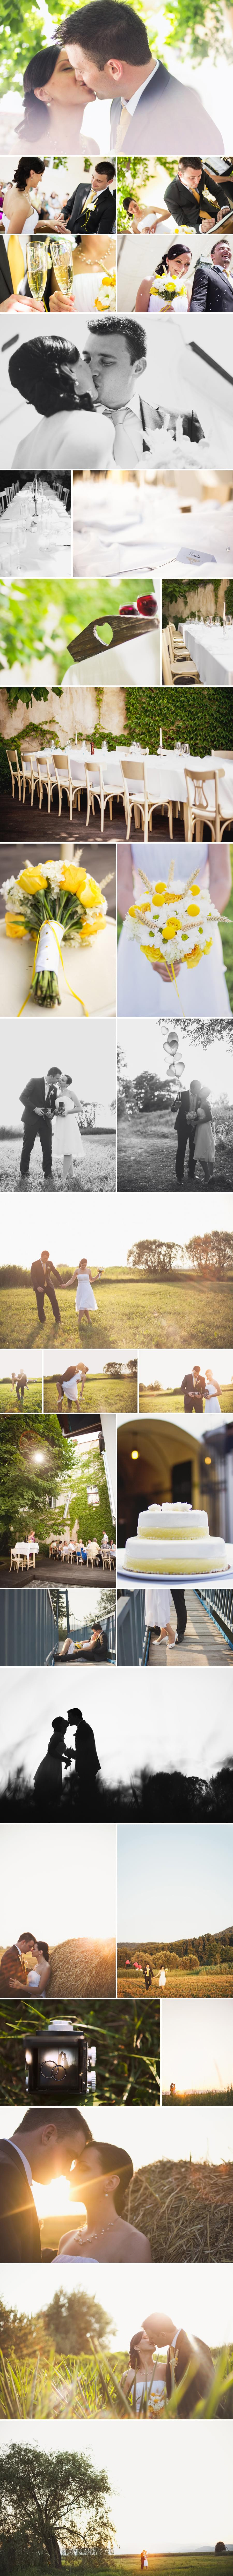 mk photography urska wedding images poland wedding photographer